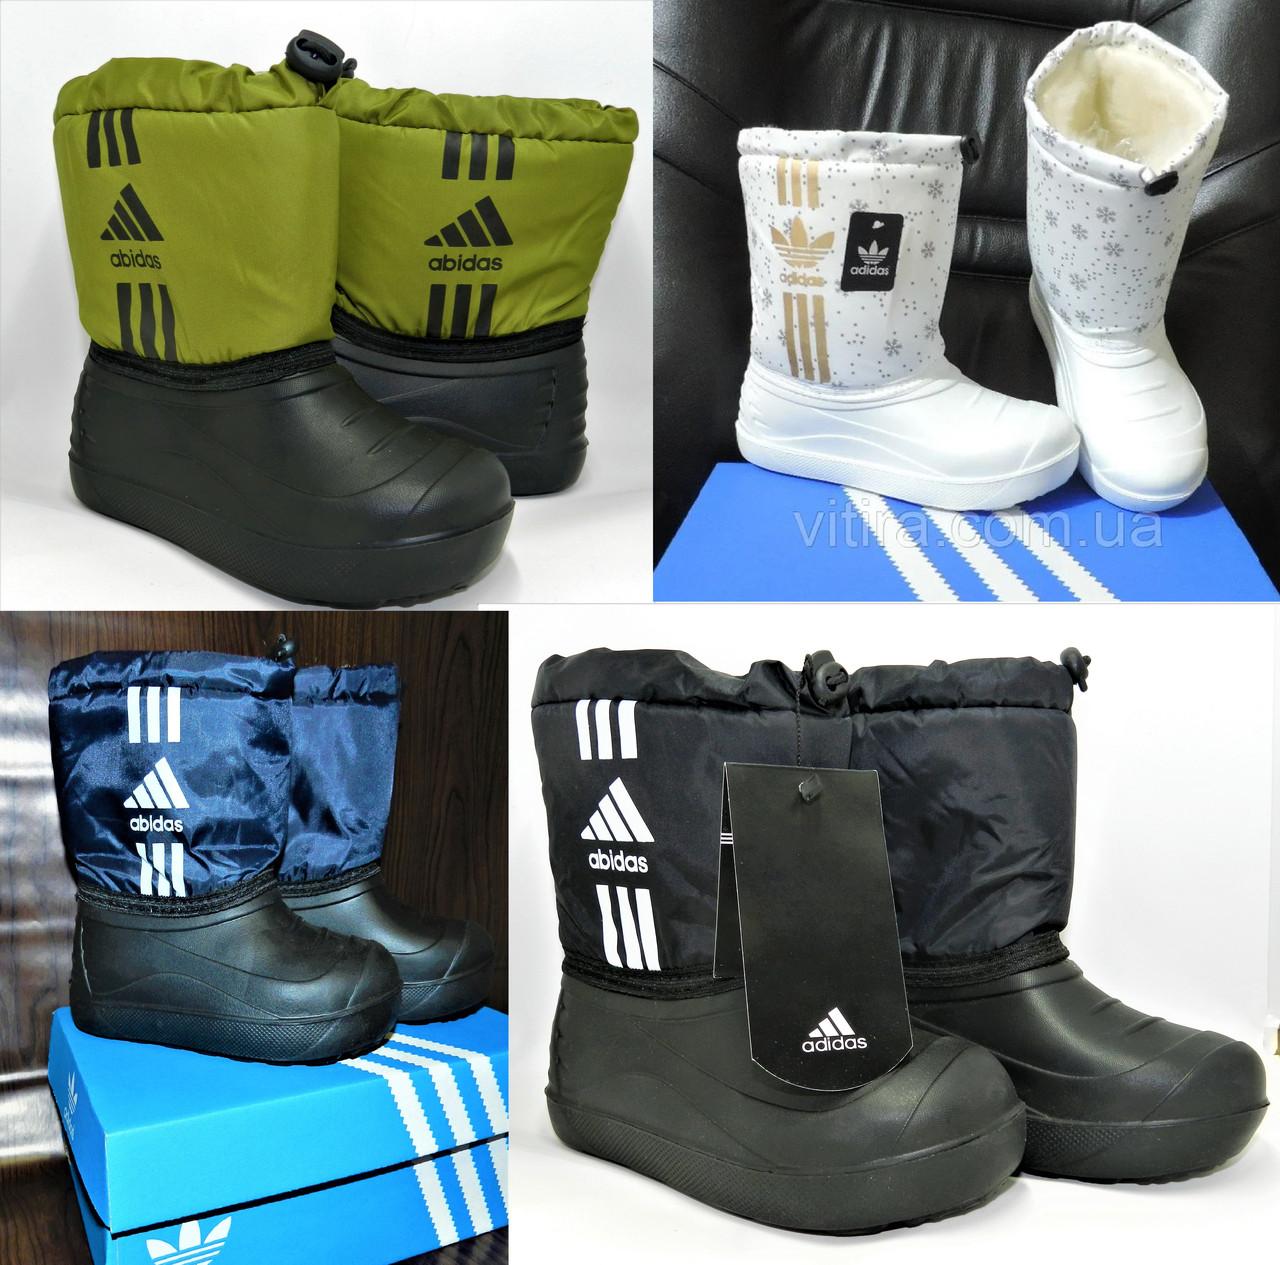 """Детские дутики """"Adidas"""". Утепленные мехом сапожки зимние демары, сапоги сноубутсы."""